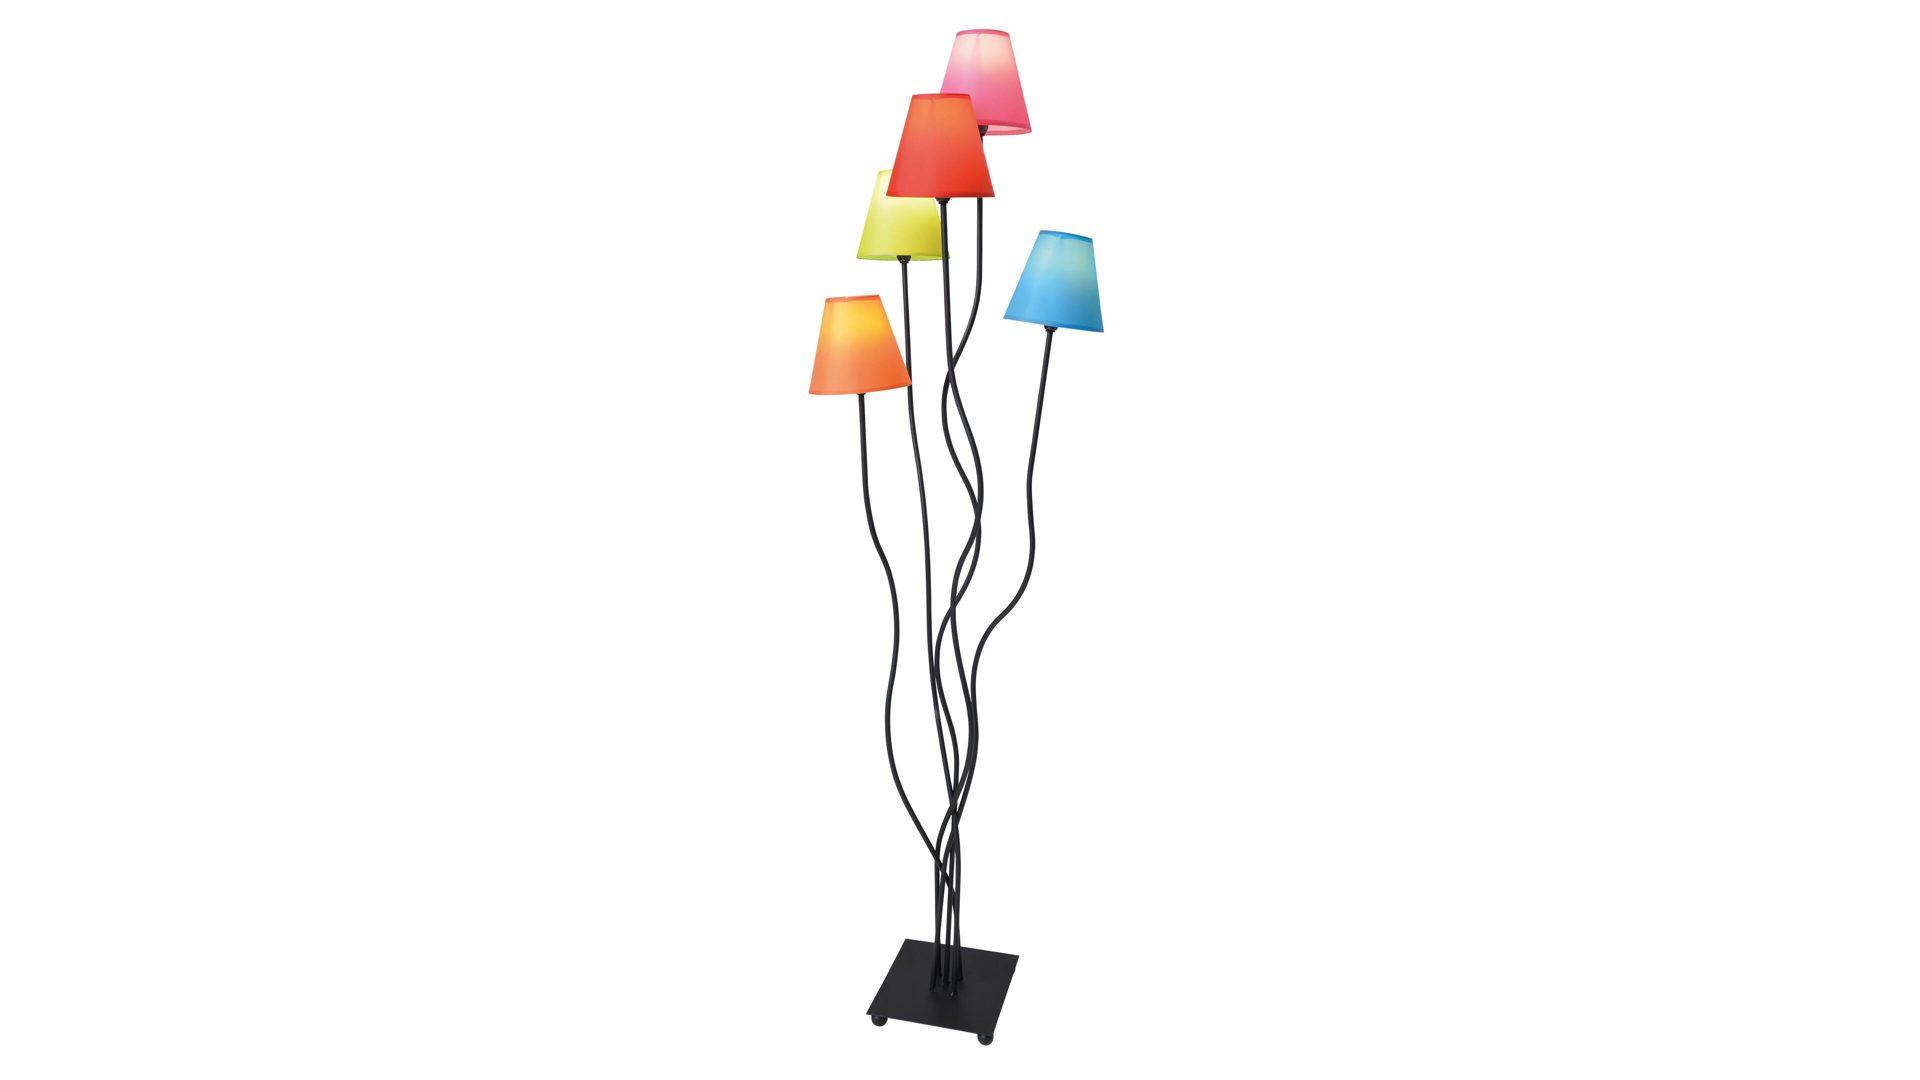 Nave Stehleuchte Colori Bunte Lampenschirme Hohe Ca 156 Cm Bad